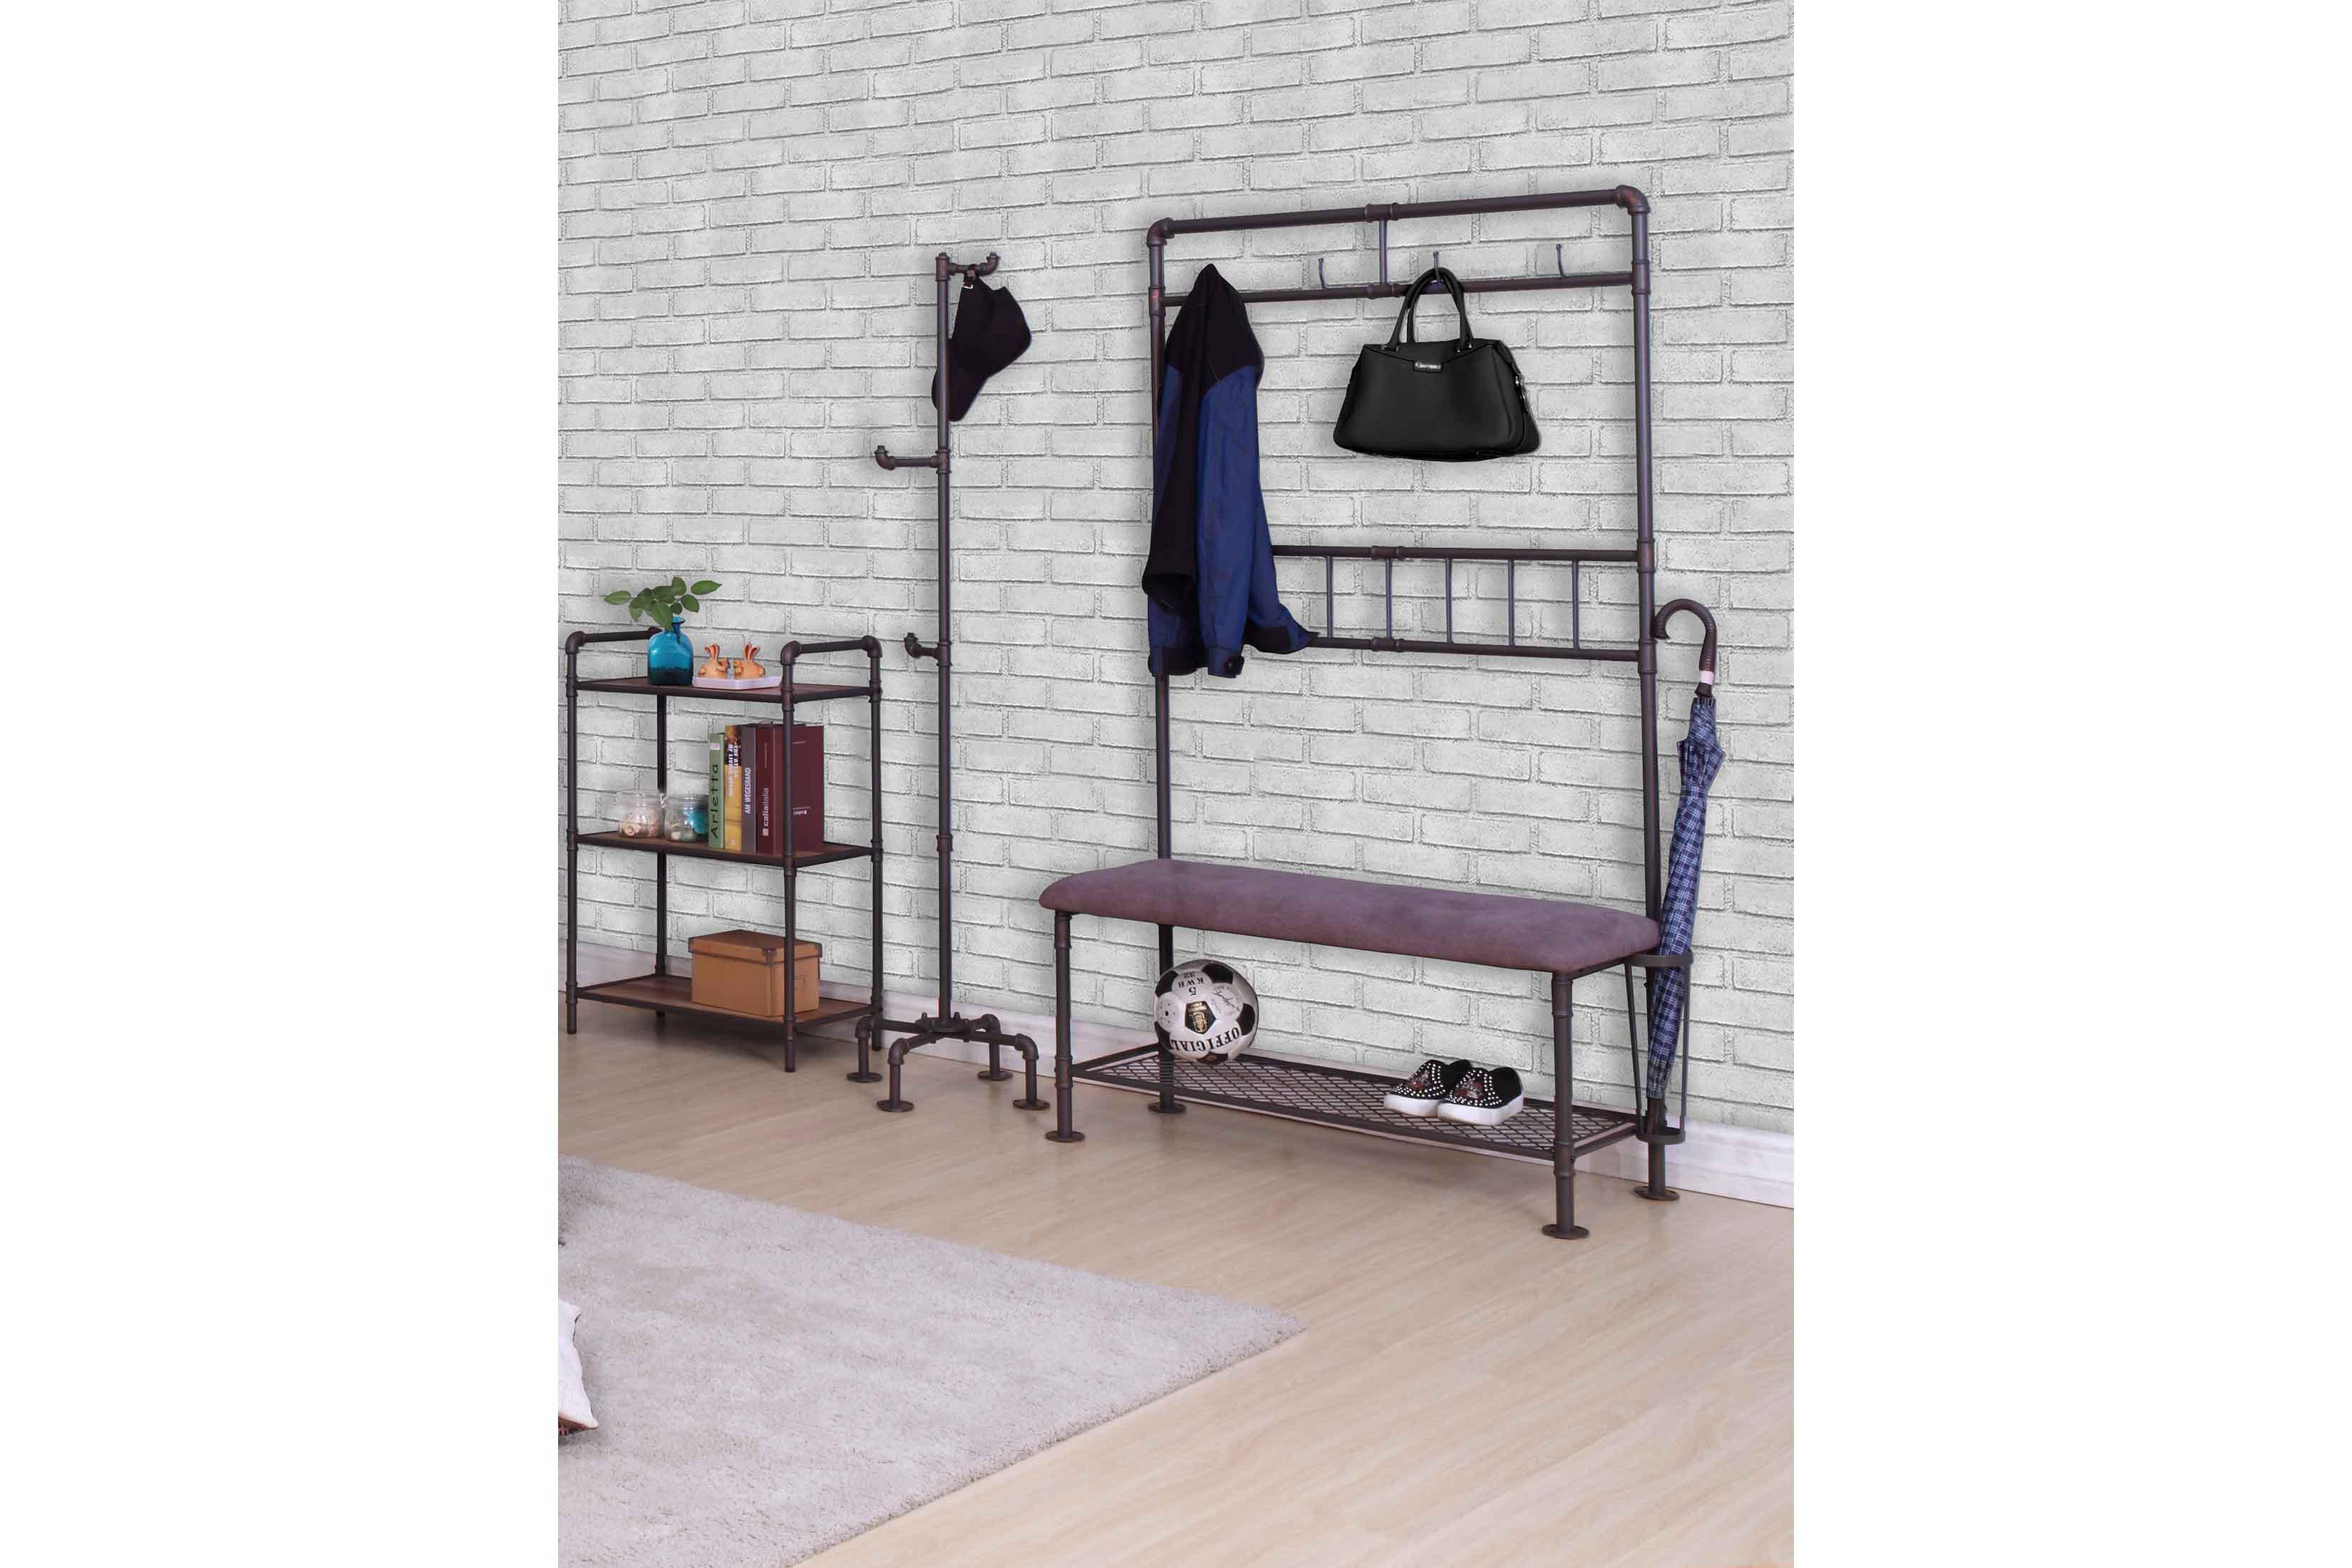 water pipe von Modular - Garderobe mit Sitzbank Fabrik-Chic